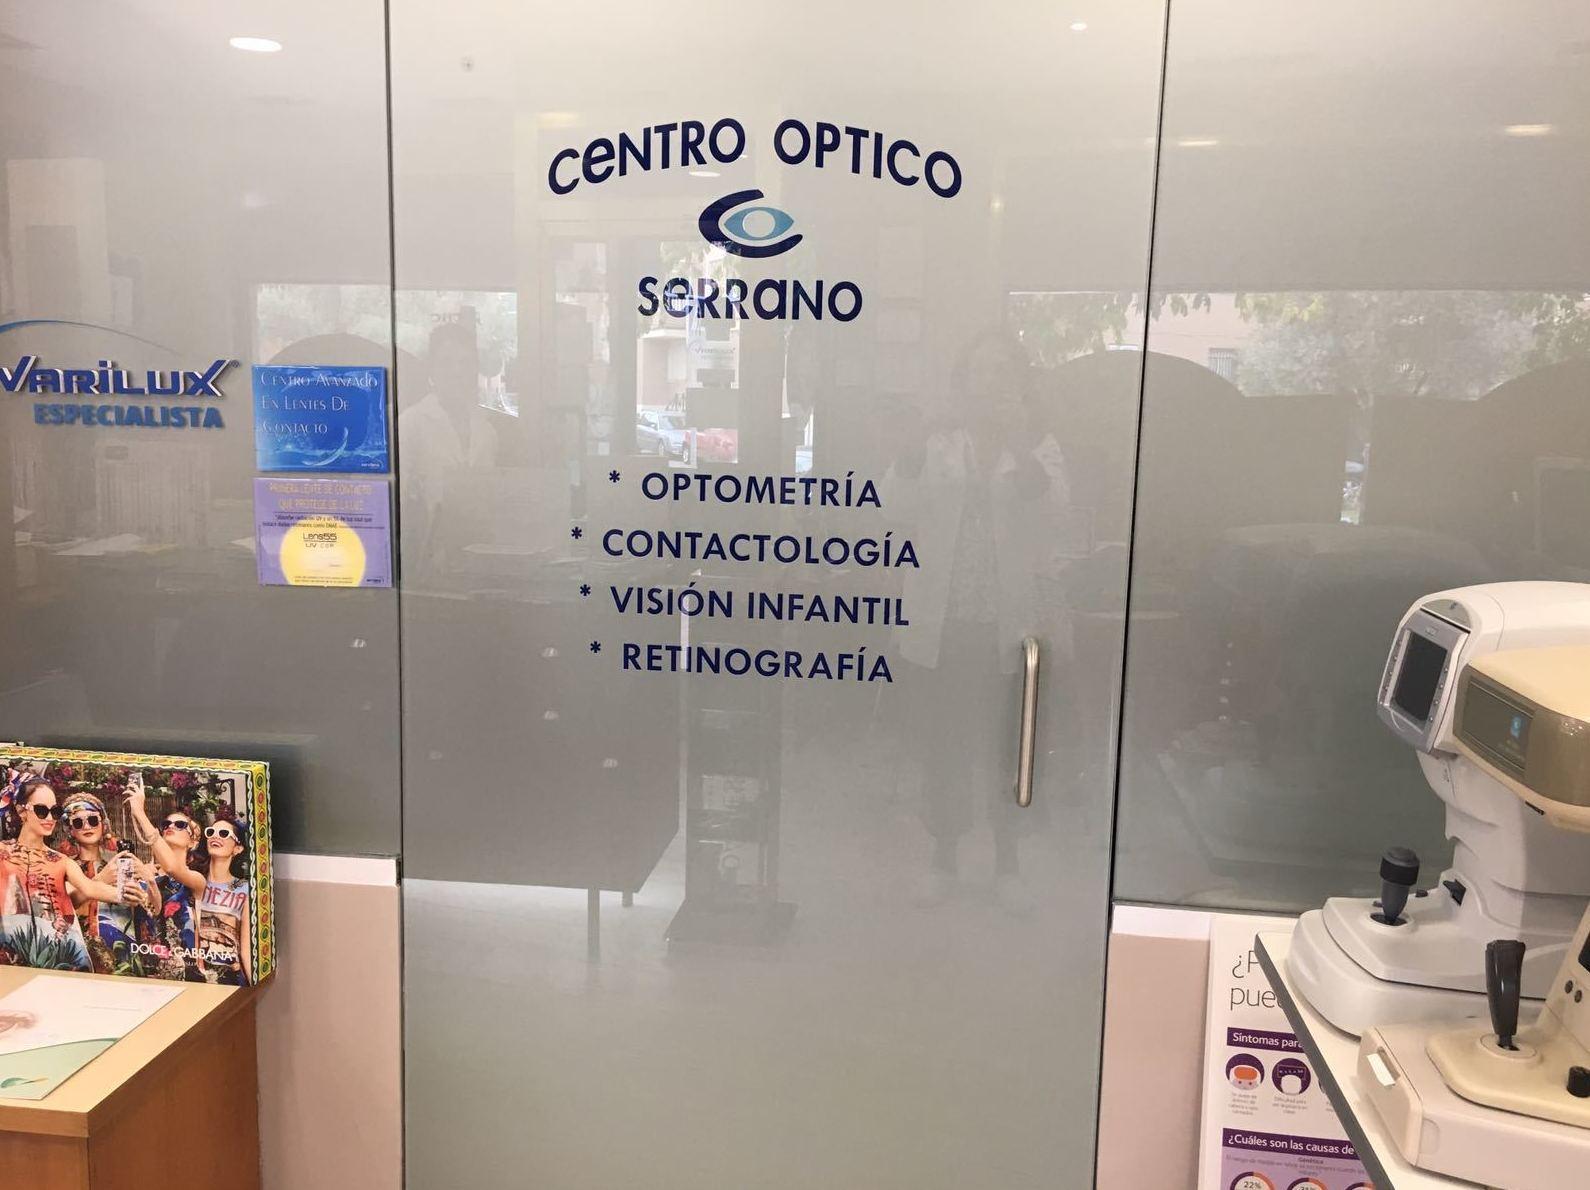 Foto 6 de Ópticas en Colmenar Viejo   Centro Óptico Serrano